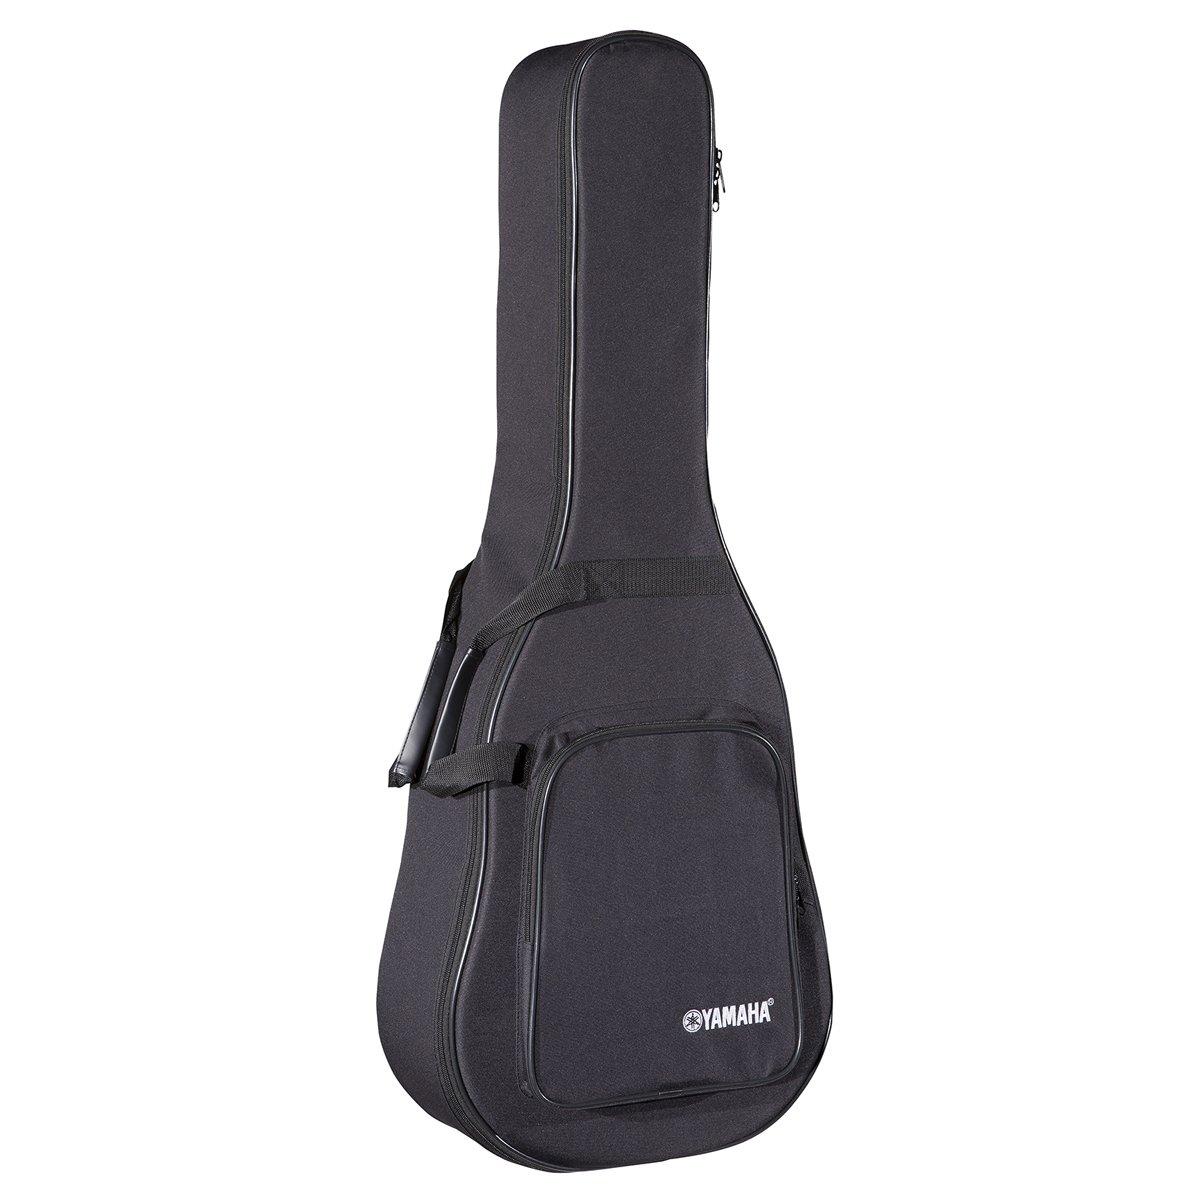 Yamaha CG SC Lightweight Classical Guitar